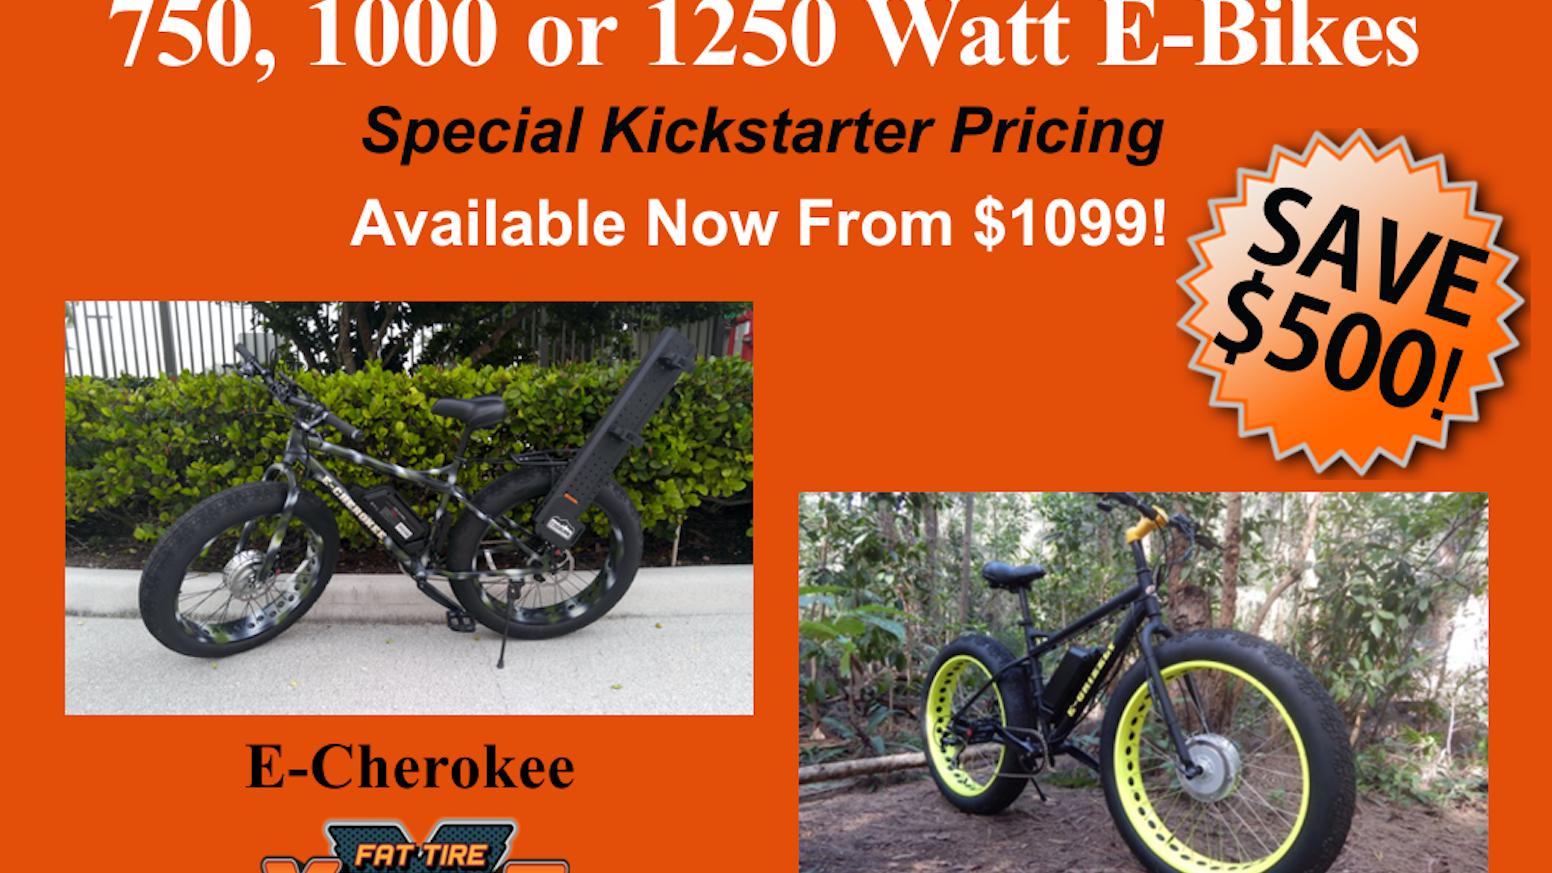 dd0fd1e2e8a Front Wheel Fat E-Bike 750